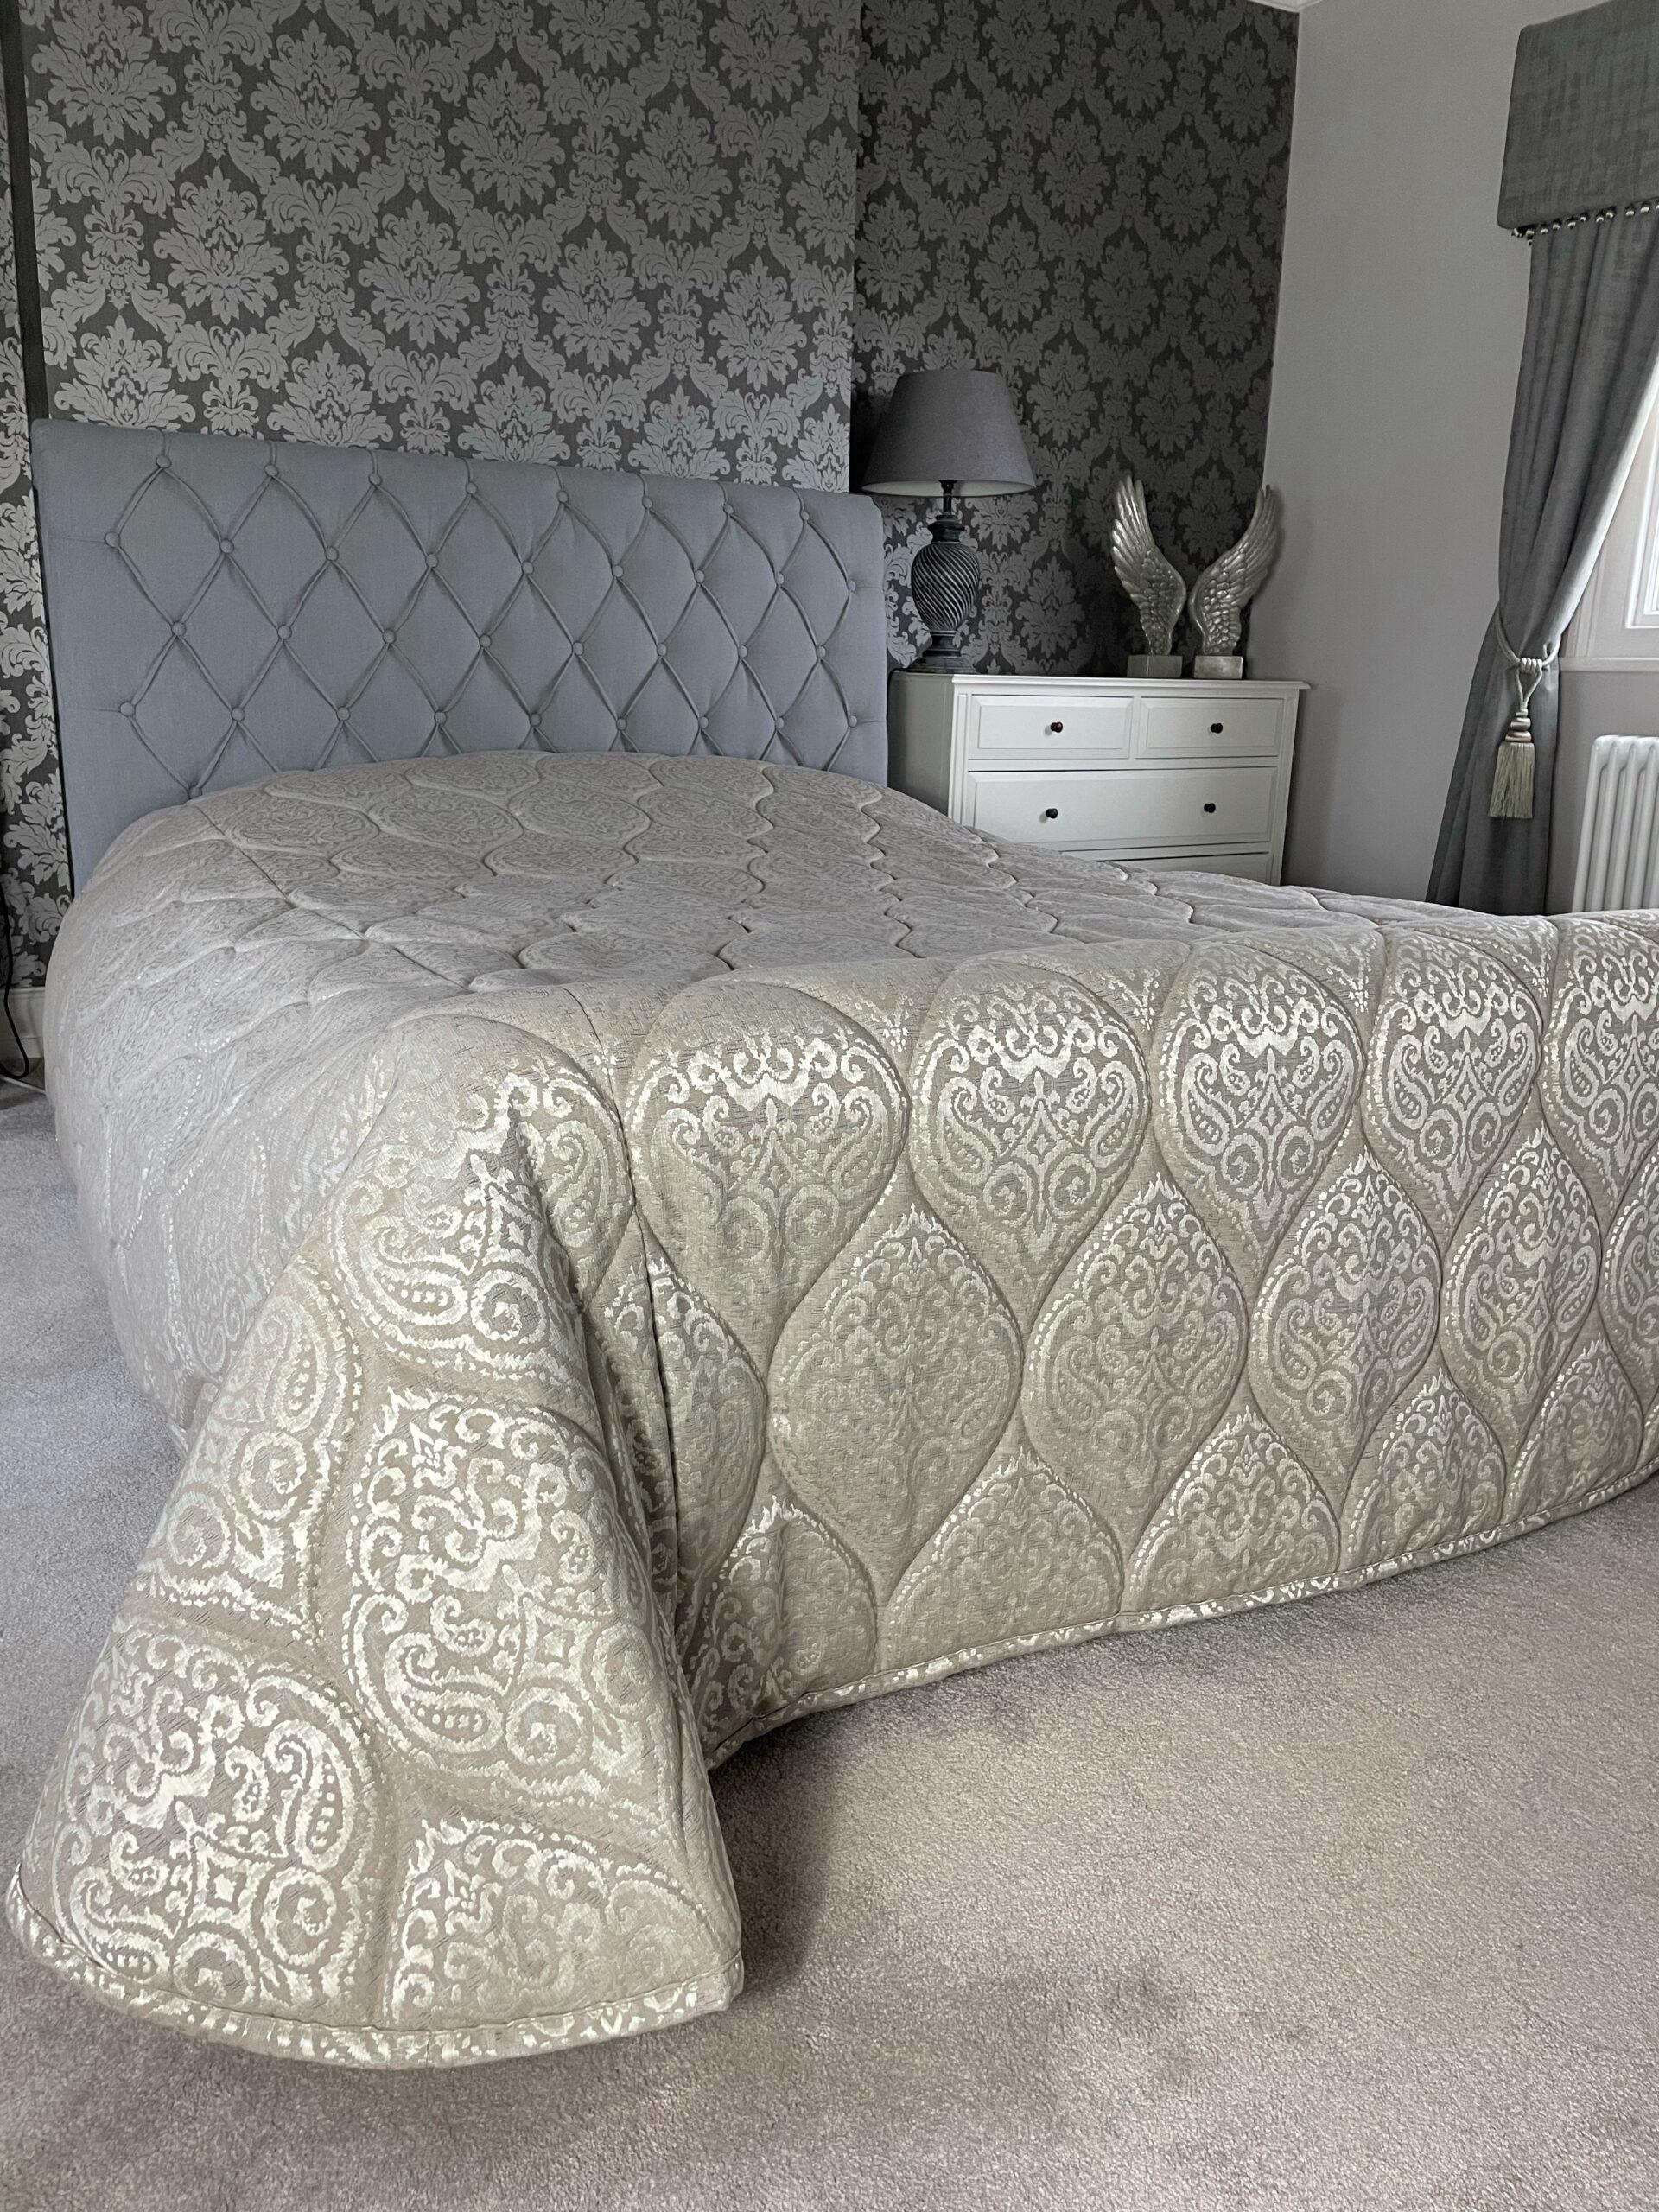 Charlotte Range Chelsea Range Quilted Bedspreads